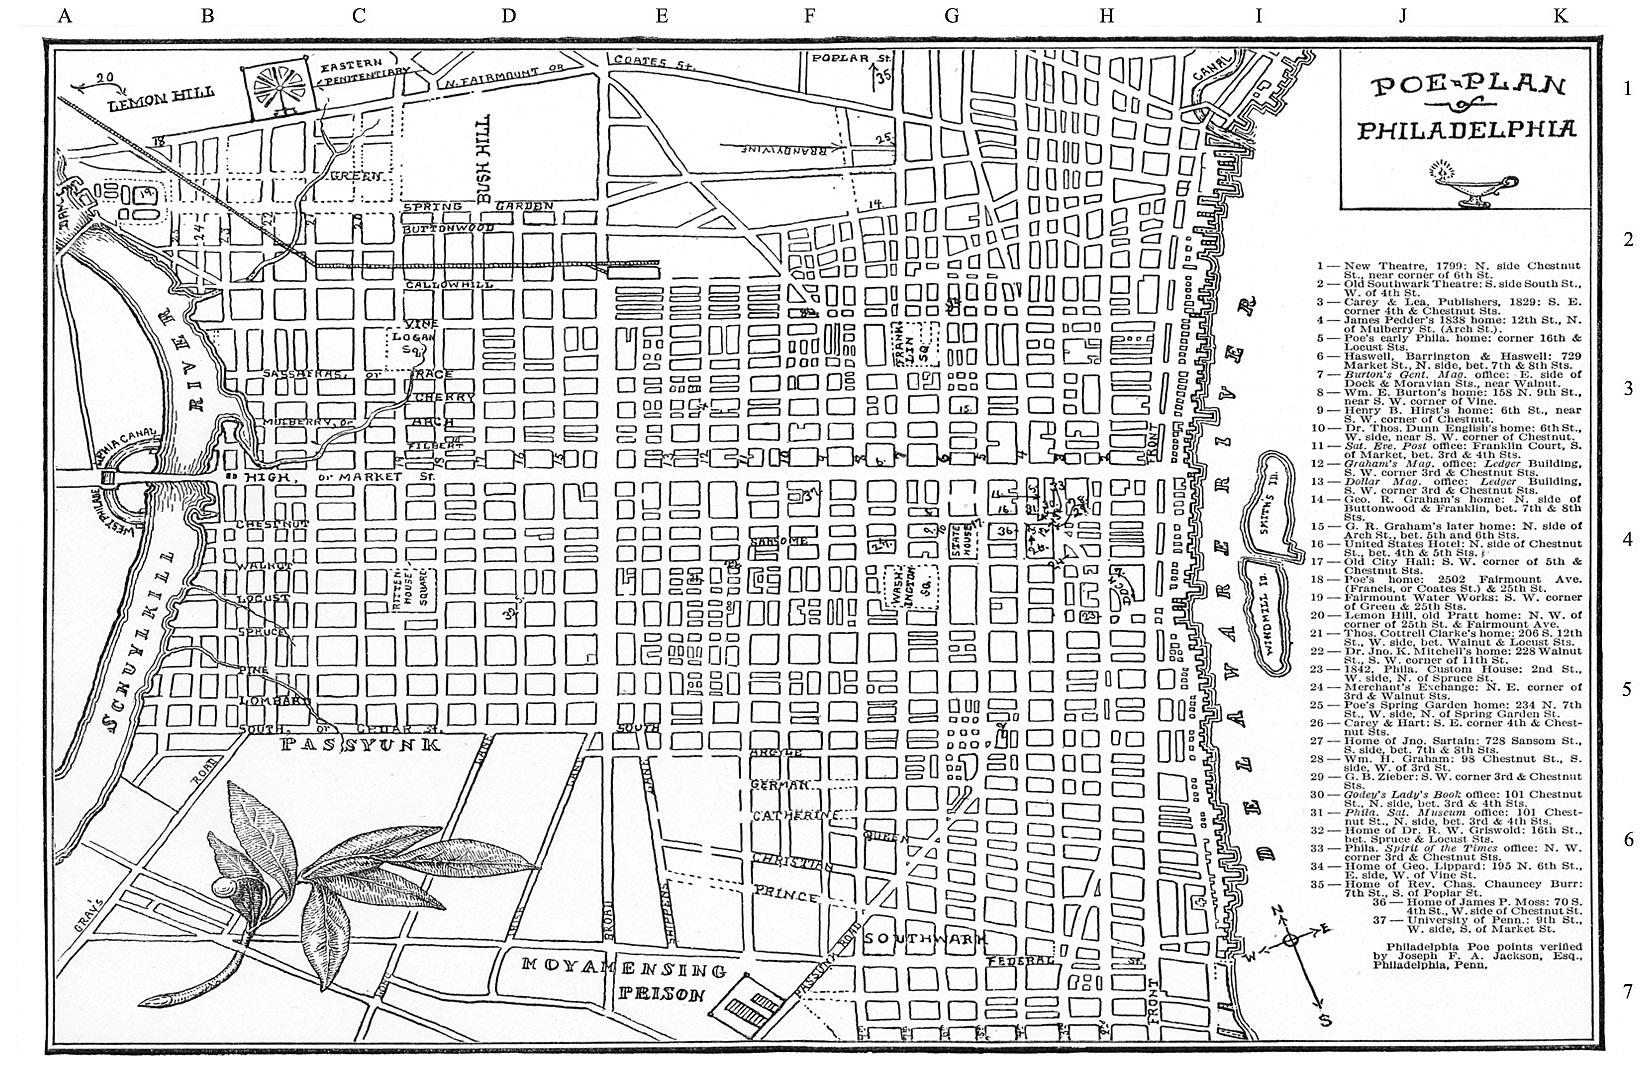 19 Square 1682 Philadelphia Pa The Ayer Condominium